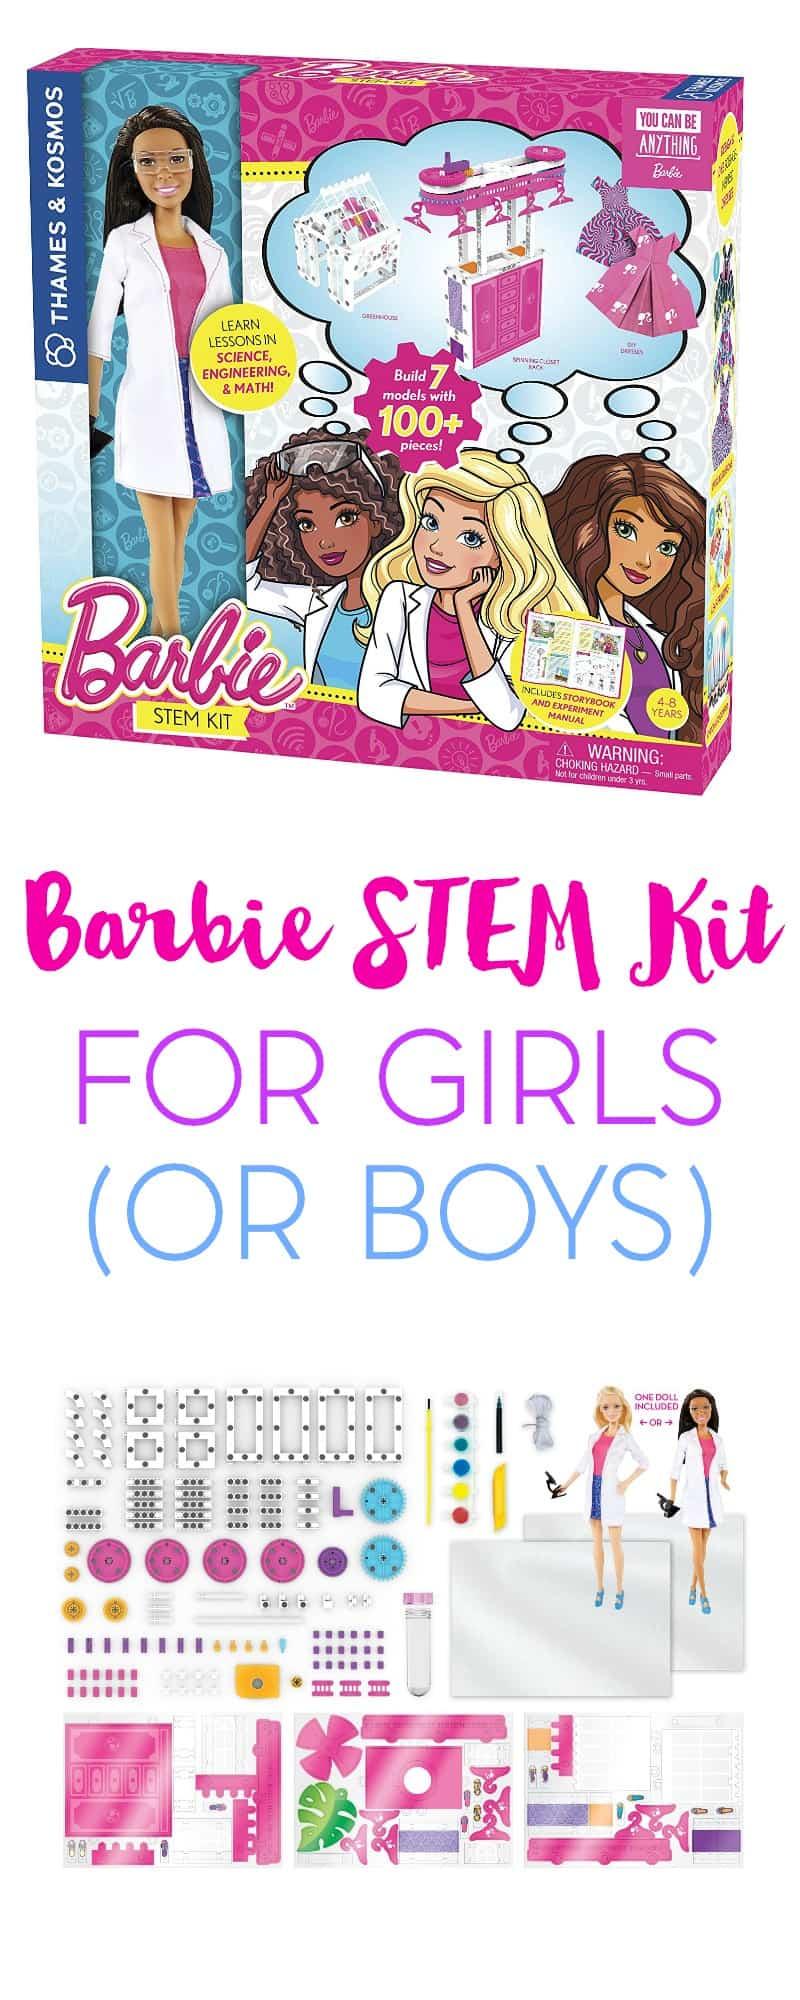 barbie-stem-kit-for-girls-or-boys